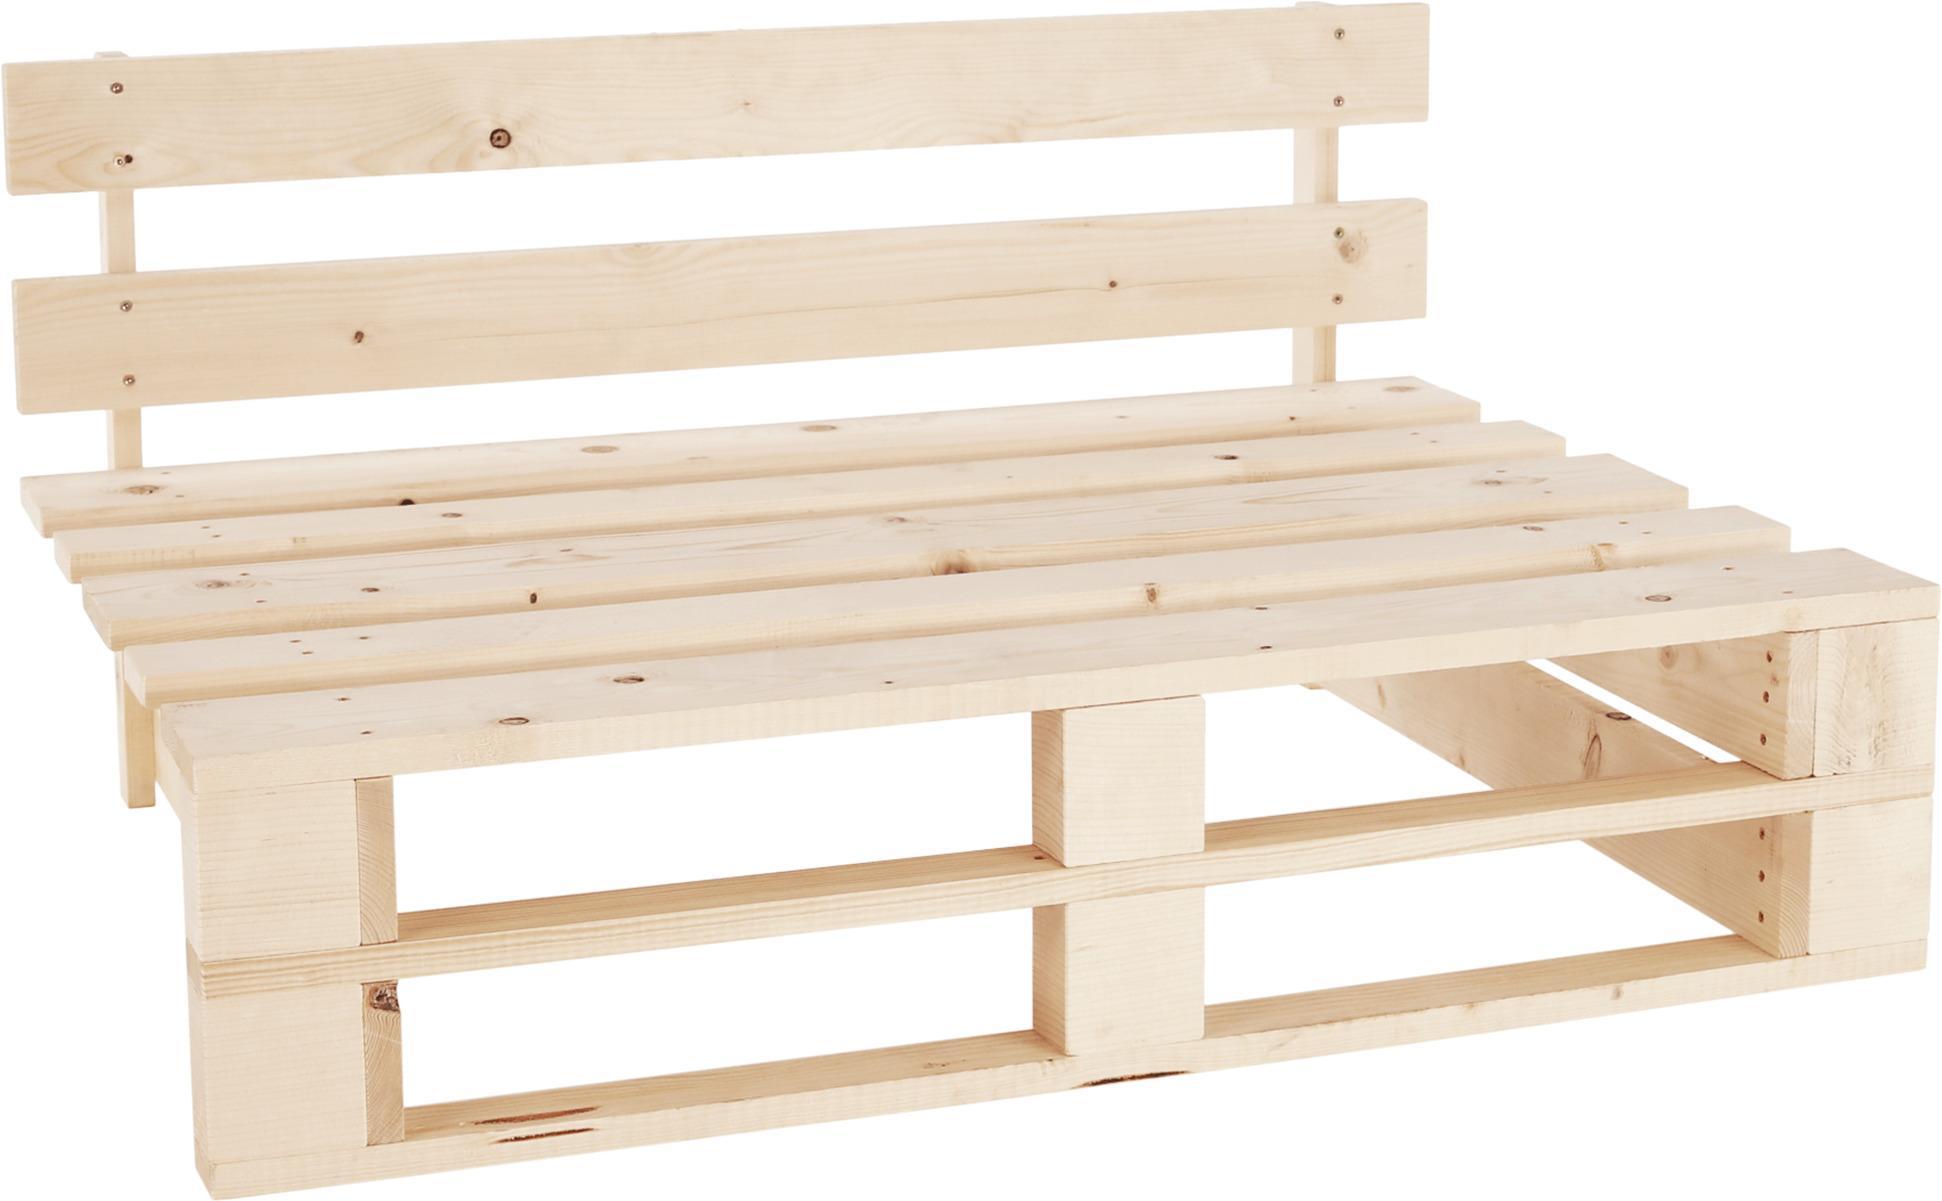 Záhradná drevená lavica z paliet, smrek prírodný, 110x80x55cm, URAL